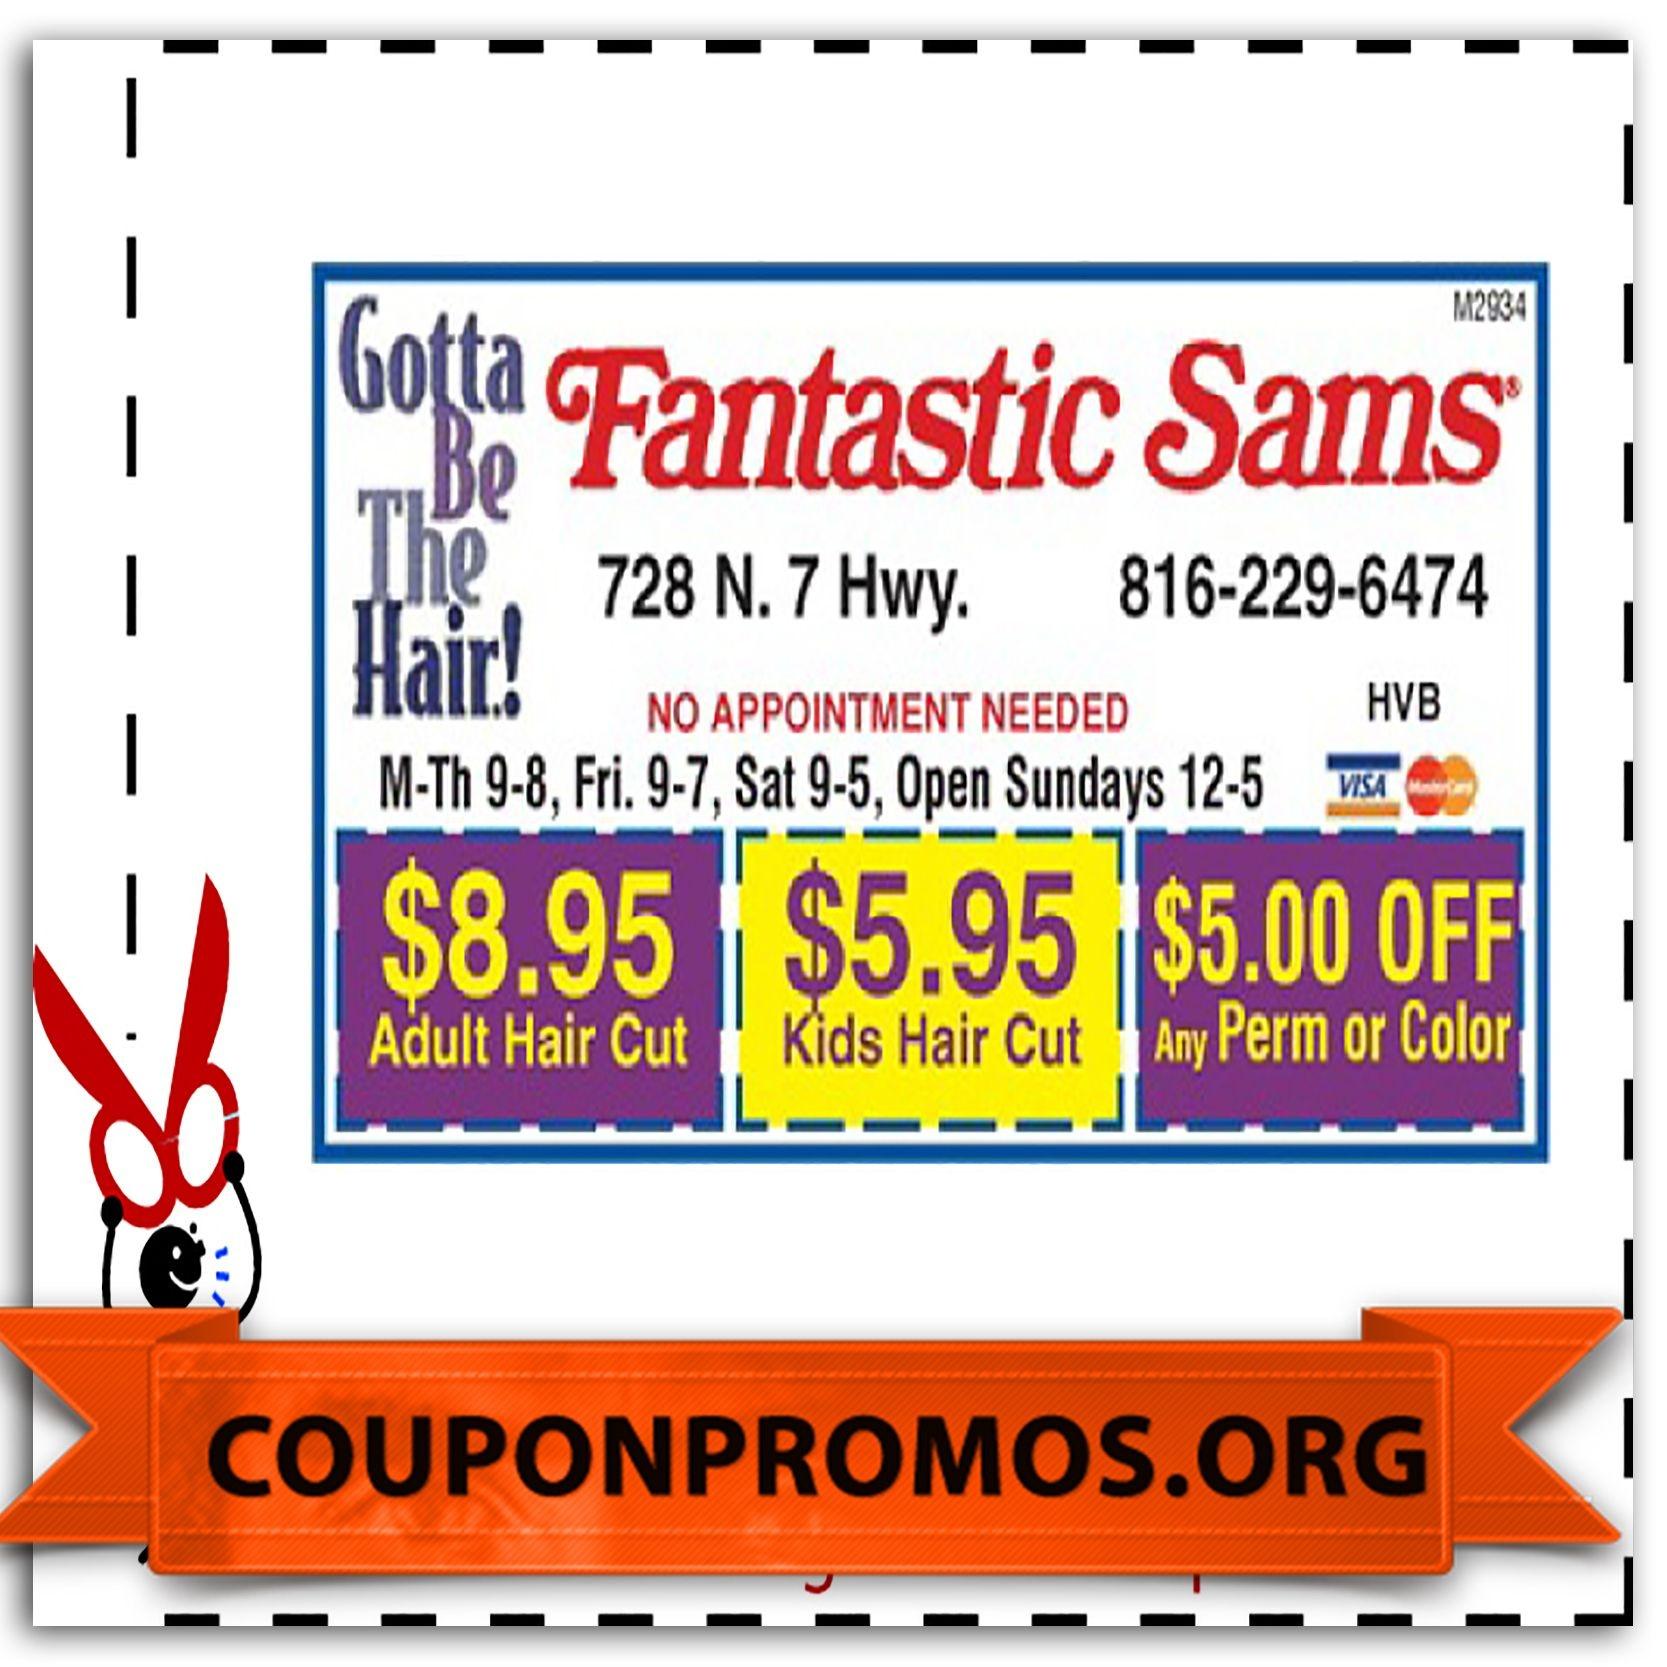 Printable Fantastic Sams Coupons For January   January Coupons 2015 - Free Printable Coupons For Fantastic Sams